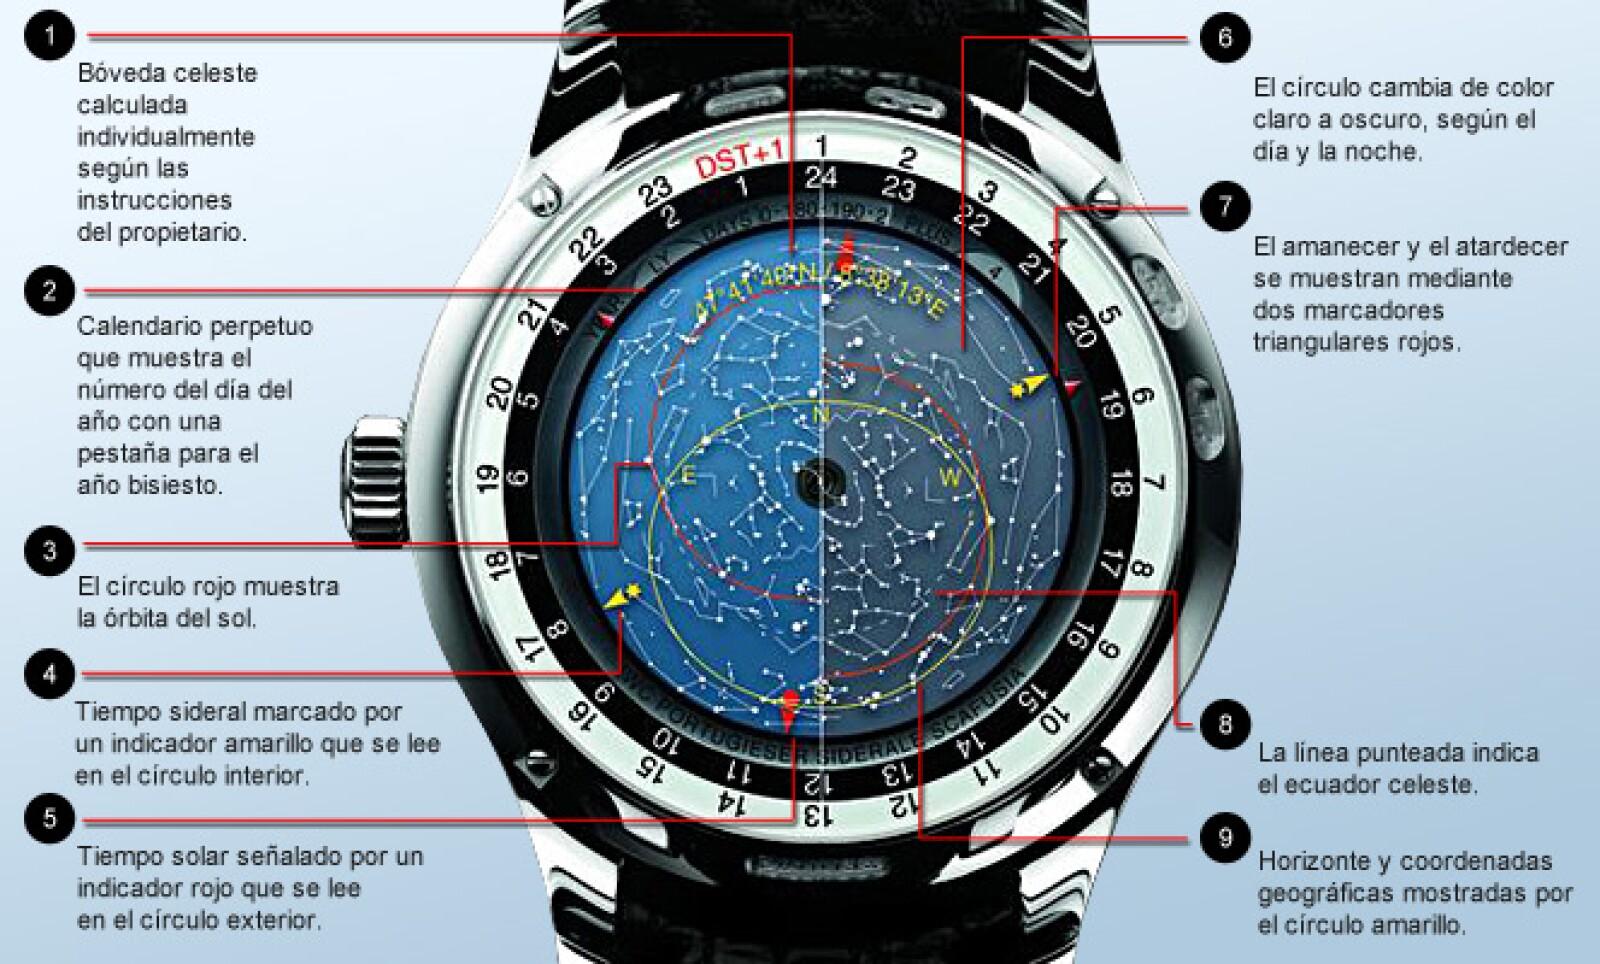 El nuevo Sidérale Scafusia cuenta con la carta del cielo que muestra el tiempo sideral y el tiempo solar.